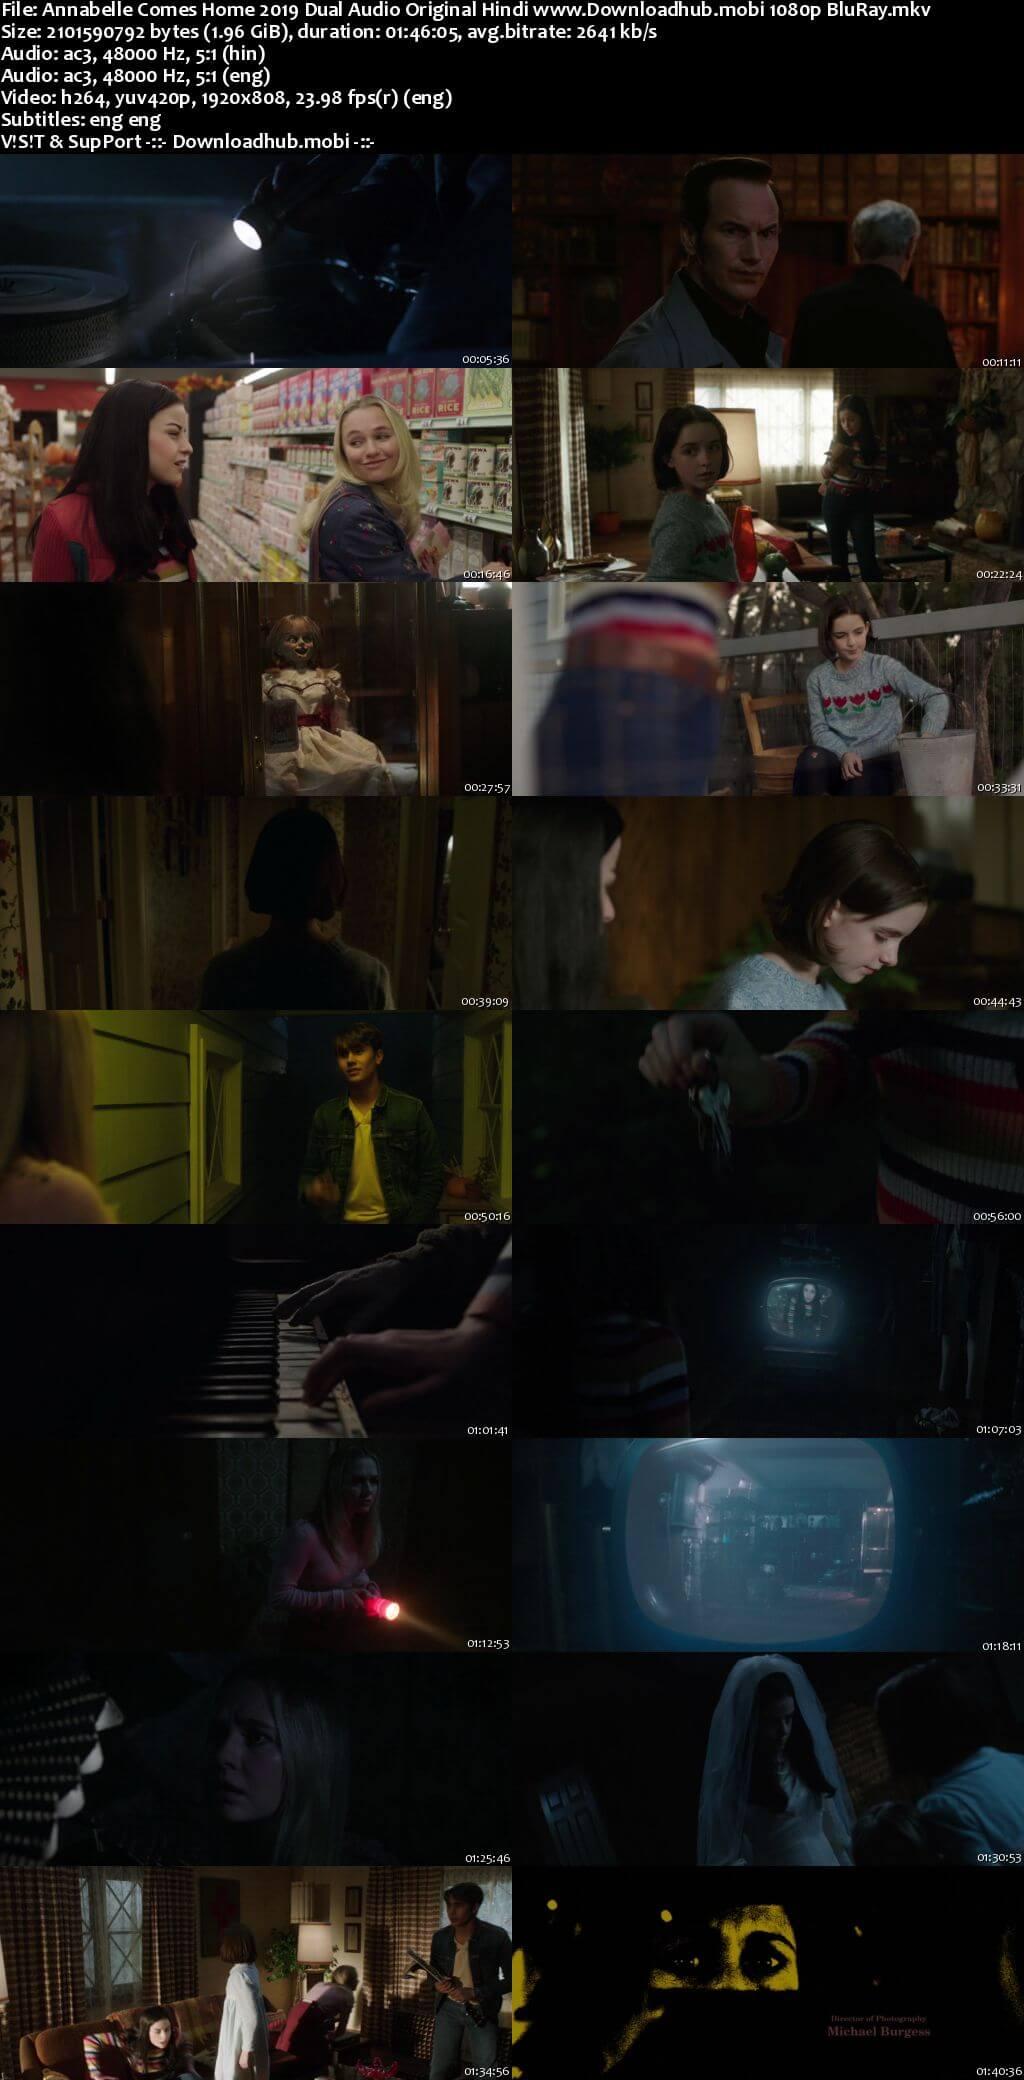 Annabelle Comes Home 2019 Hindi ORG Dual Audio 1080p BluRay ESubs